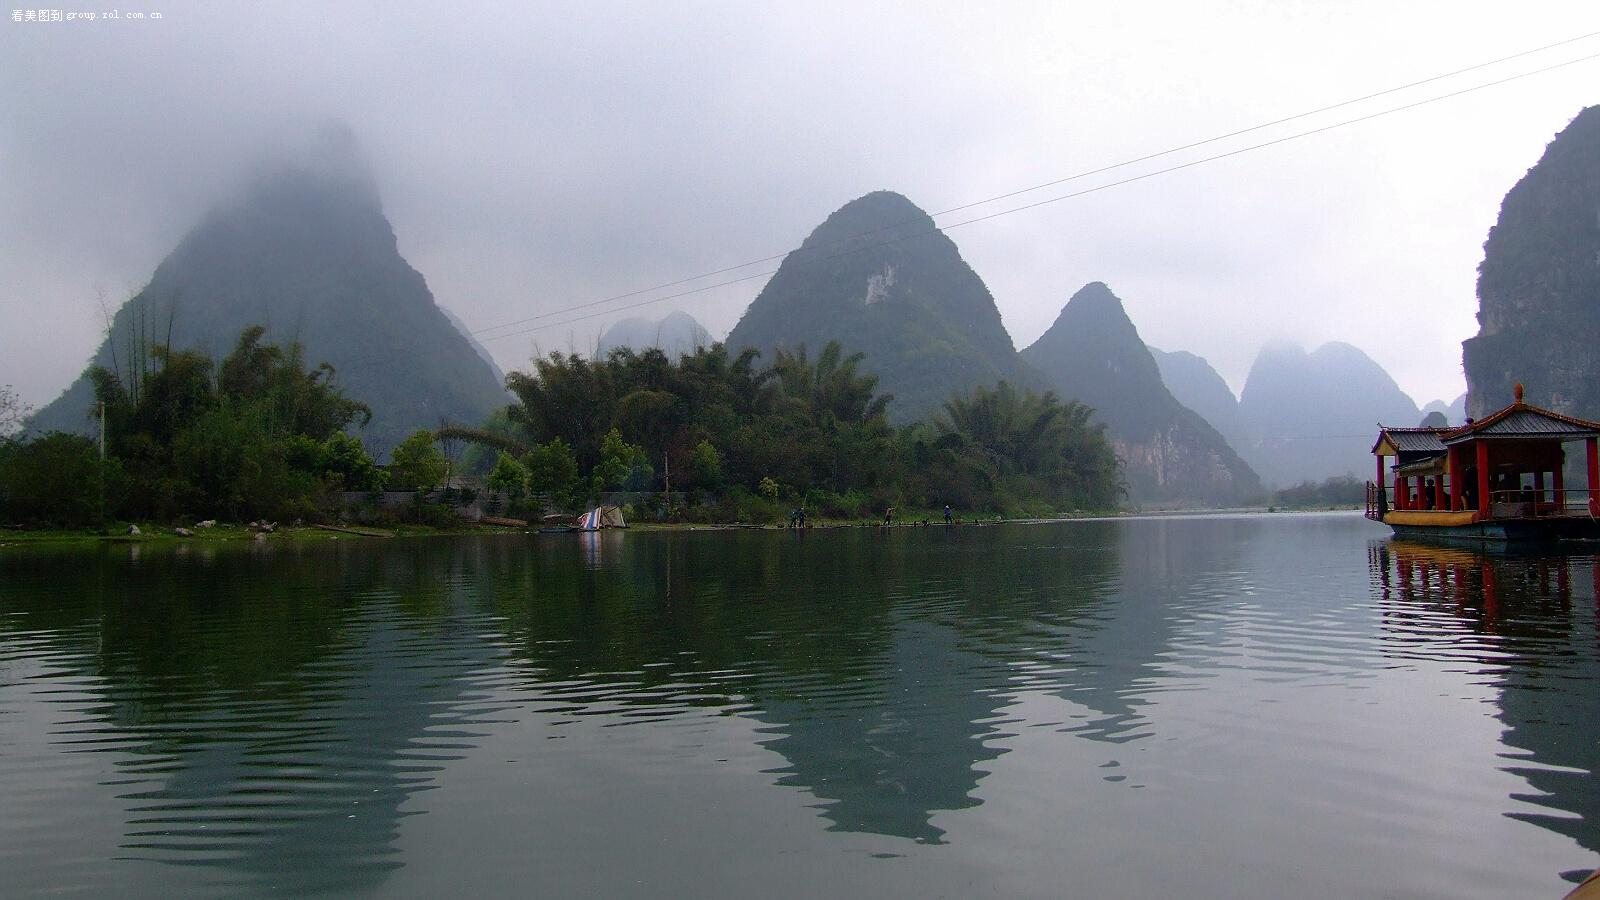 桂林漓江支流发现新的旅游景点荔江,正在开发对游人开放